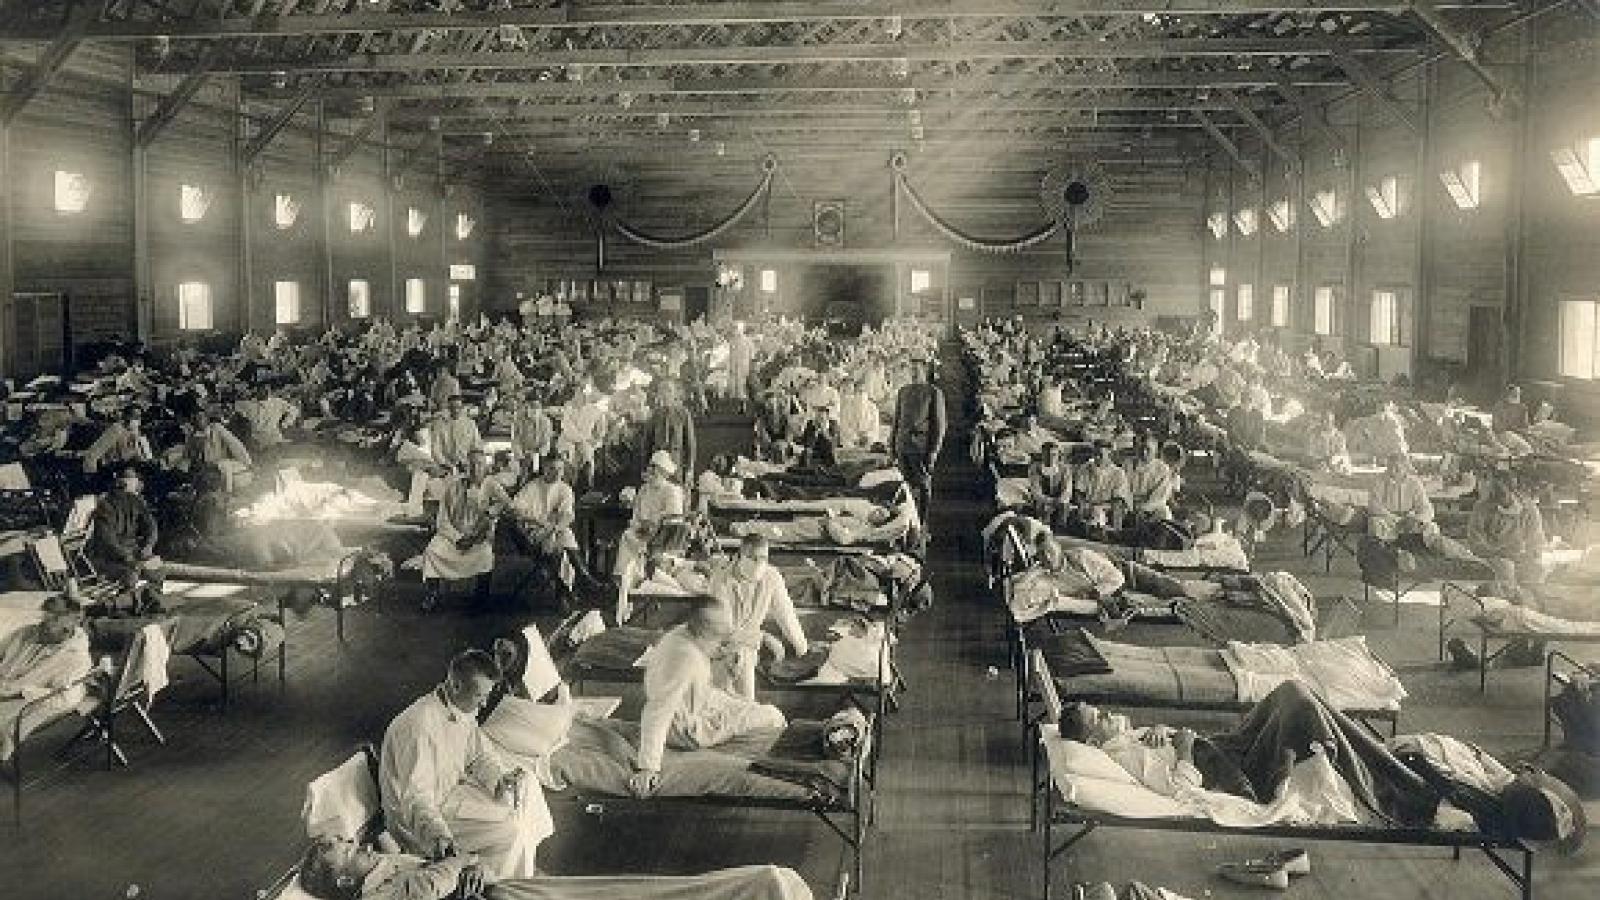 Tại sao dịch cúm Tây Ban Nha cướp đi sinh mạng nhiều người hơn Thế chiến I?